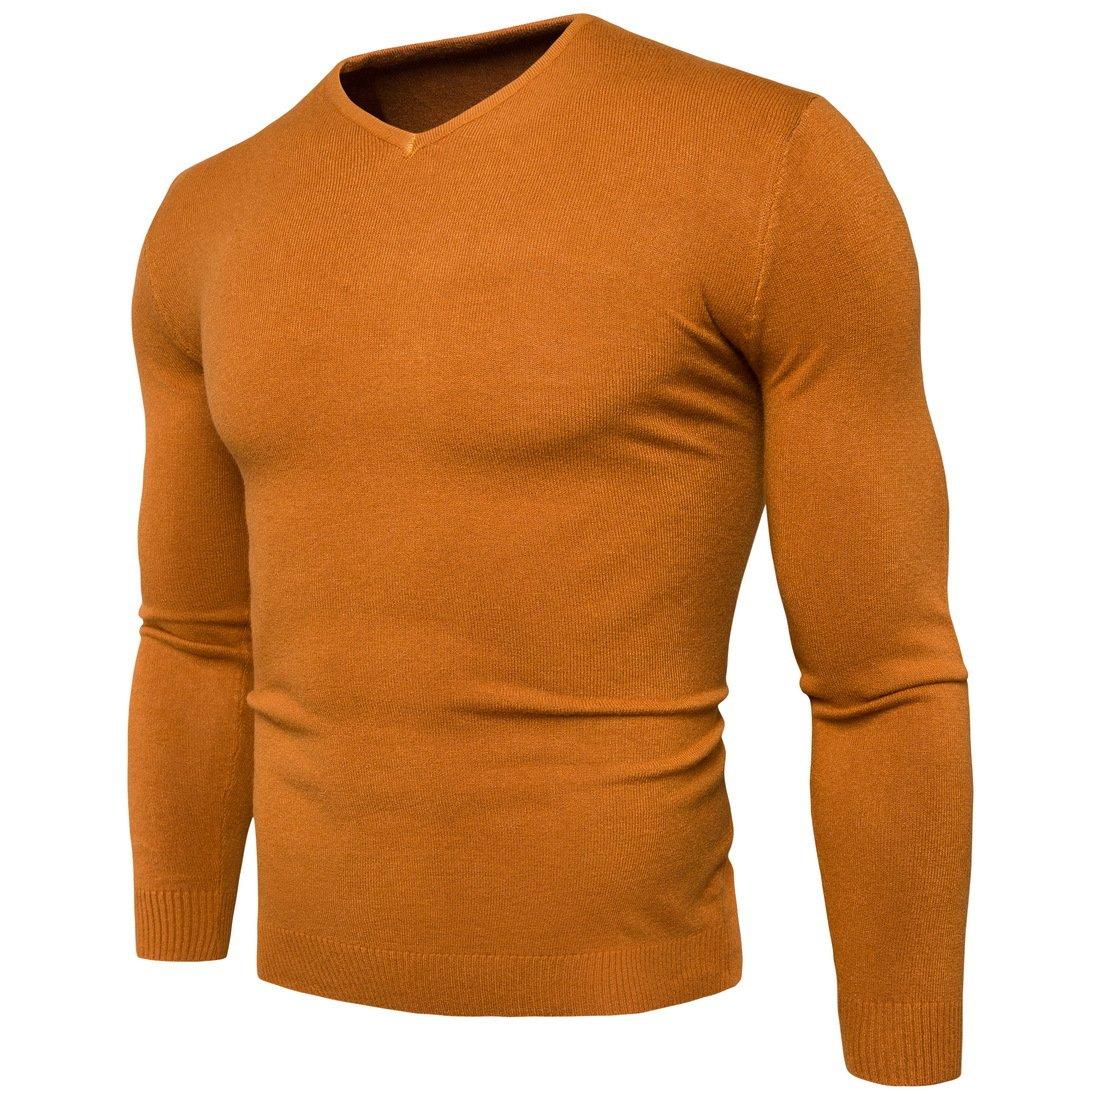 HY-Sweater Langarm Knit Pullover Herbst Herbst Herbst und Winter's Pullover Männer Pullover mit V-Ausschnitt Sau V für Freizeitaktivitäten B077RG6M36 Jacken Internationaler großer Name ab2be3